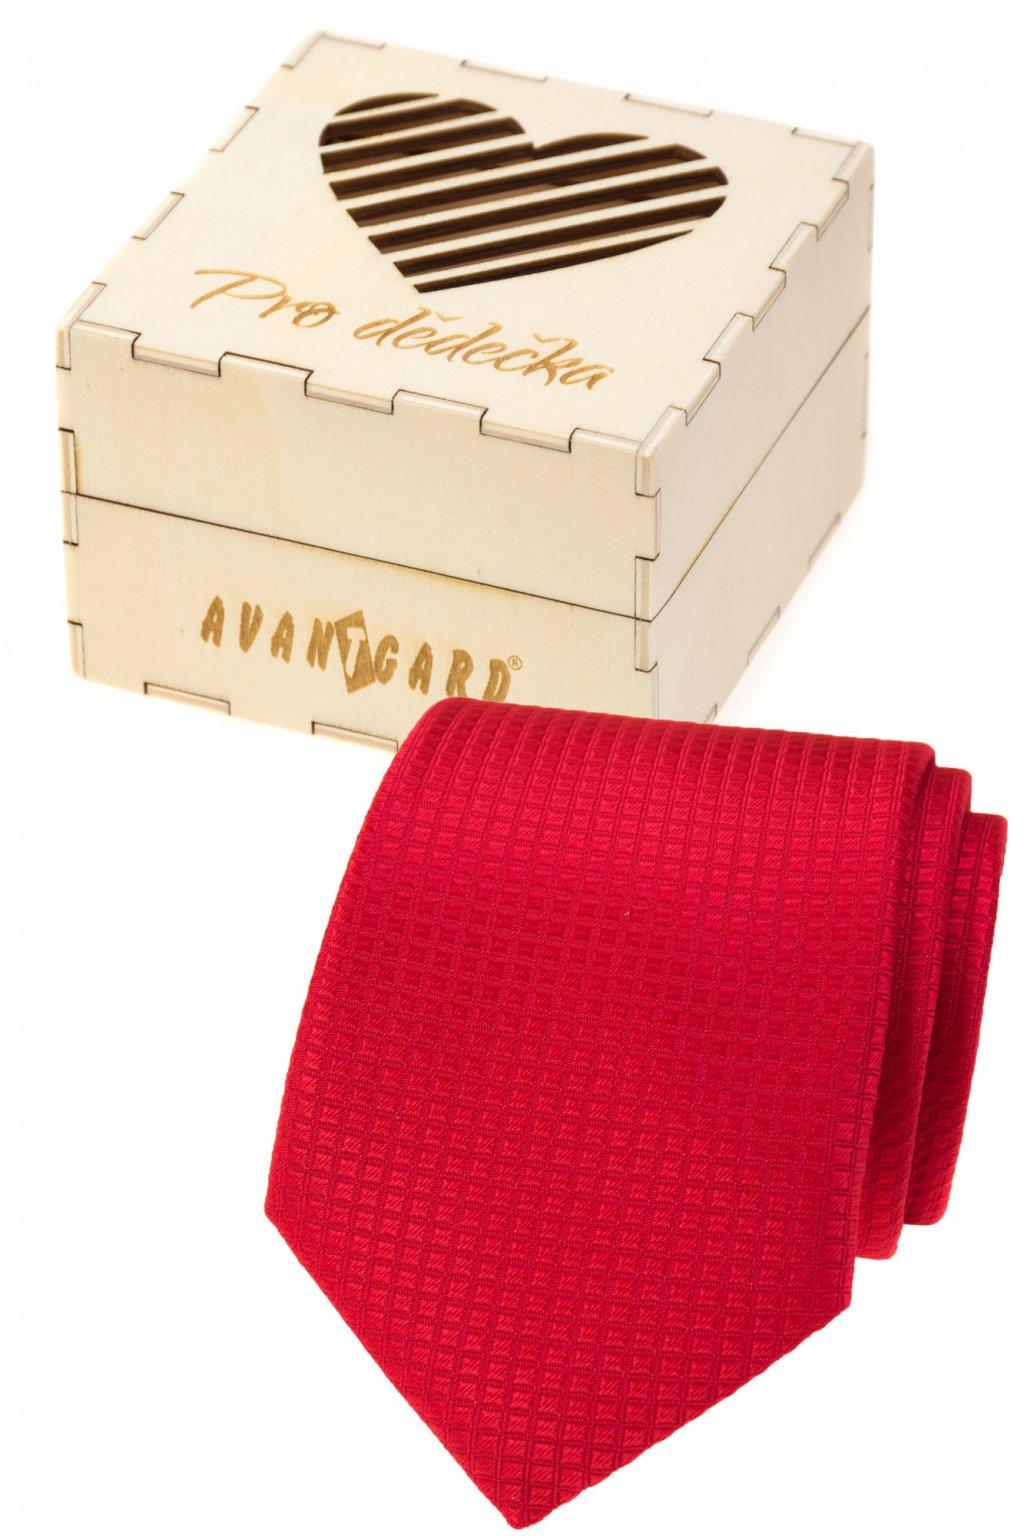 Dárkový set Pro dědečka - Kravata v dárkové dřevěné krabičce s nápisem, 919-37227, Červená, přírodní dřevo